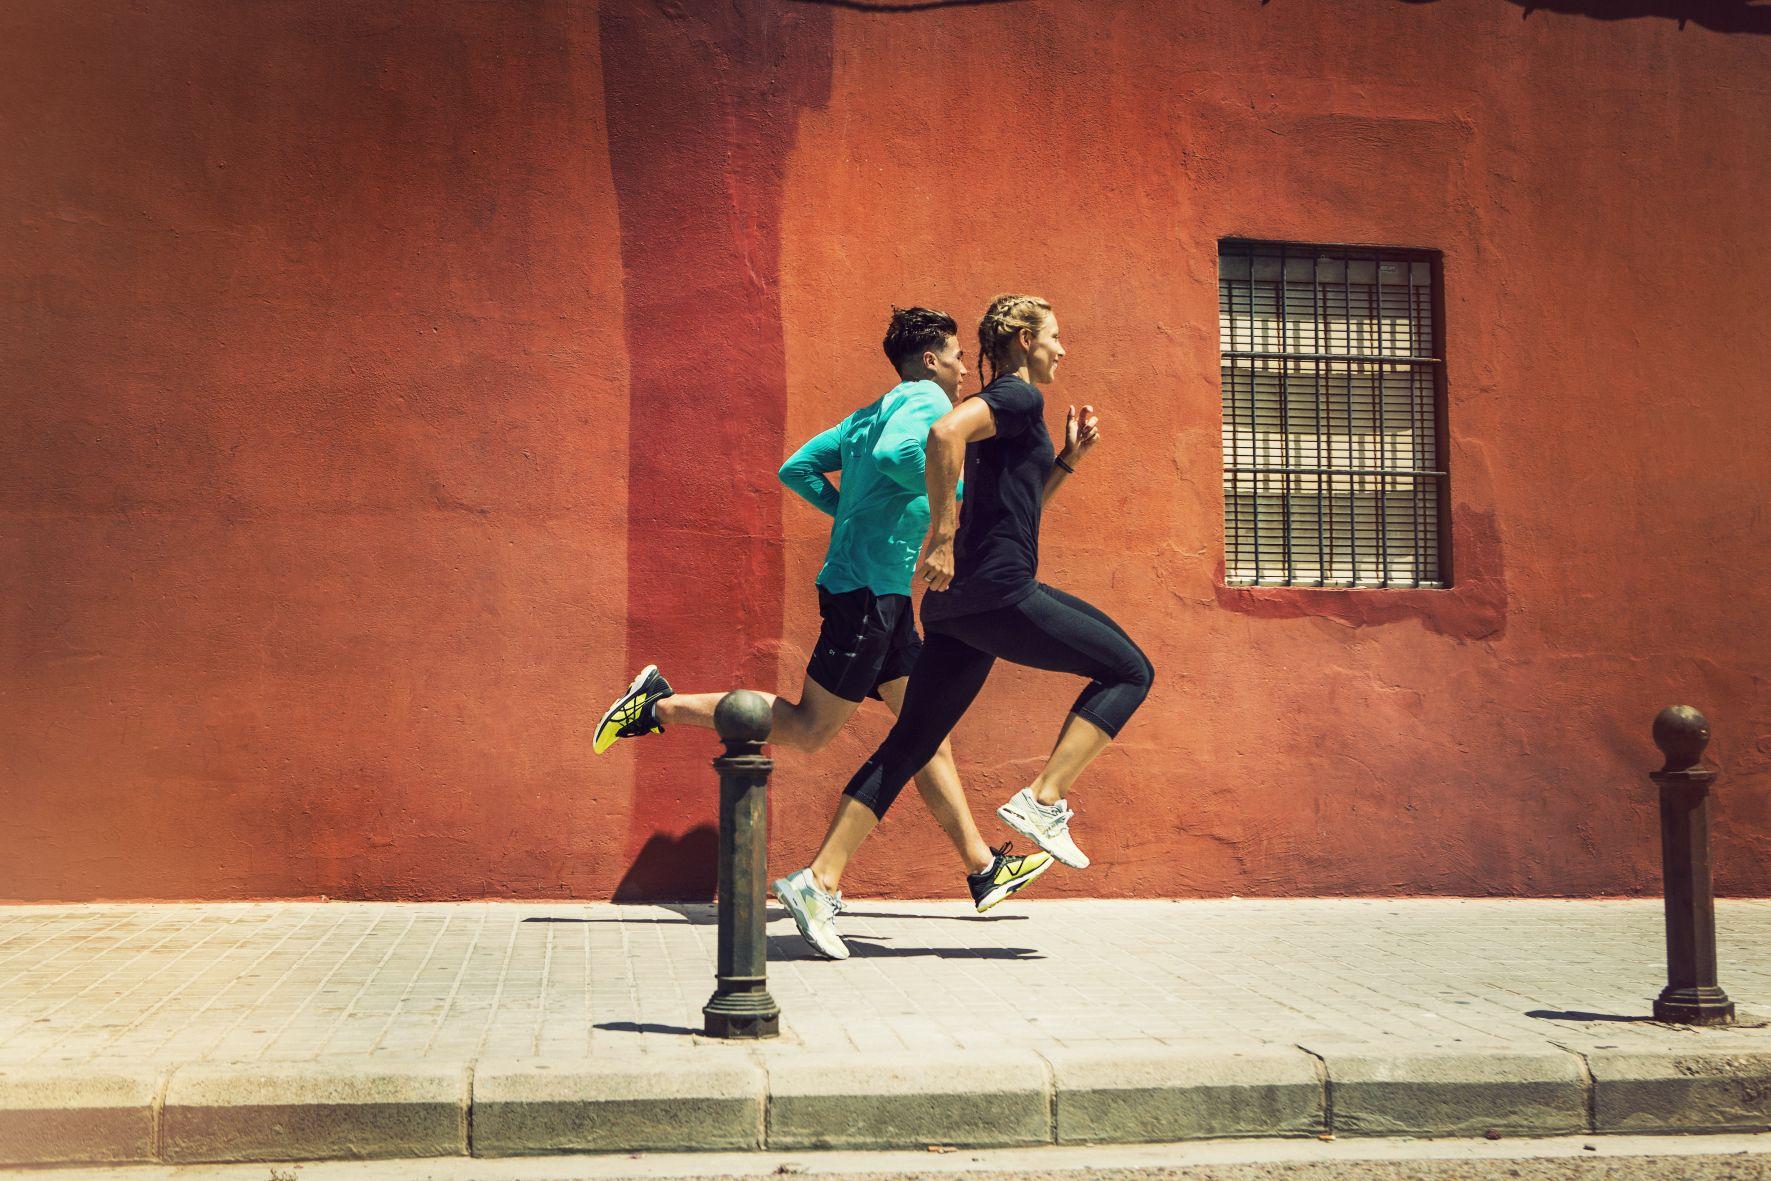 Los 25 trucos para simplificar tu entrenamiento y mejorar corriendo